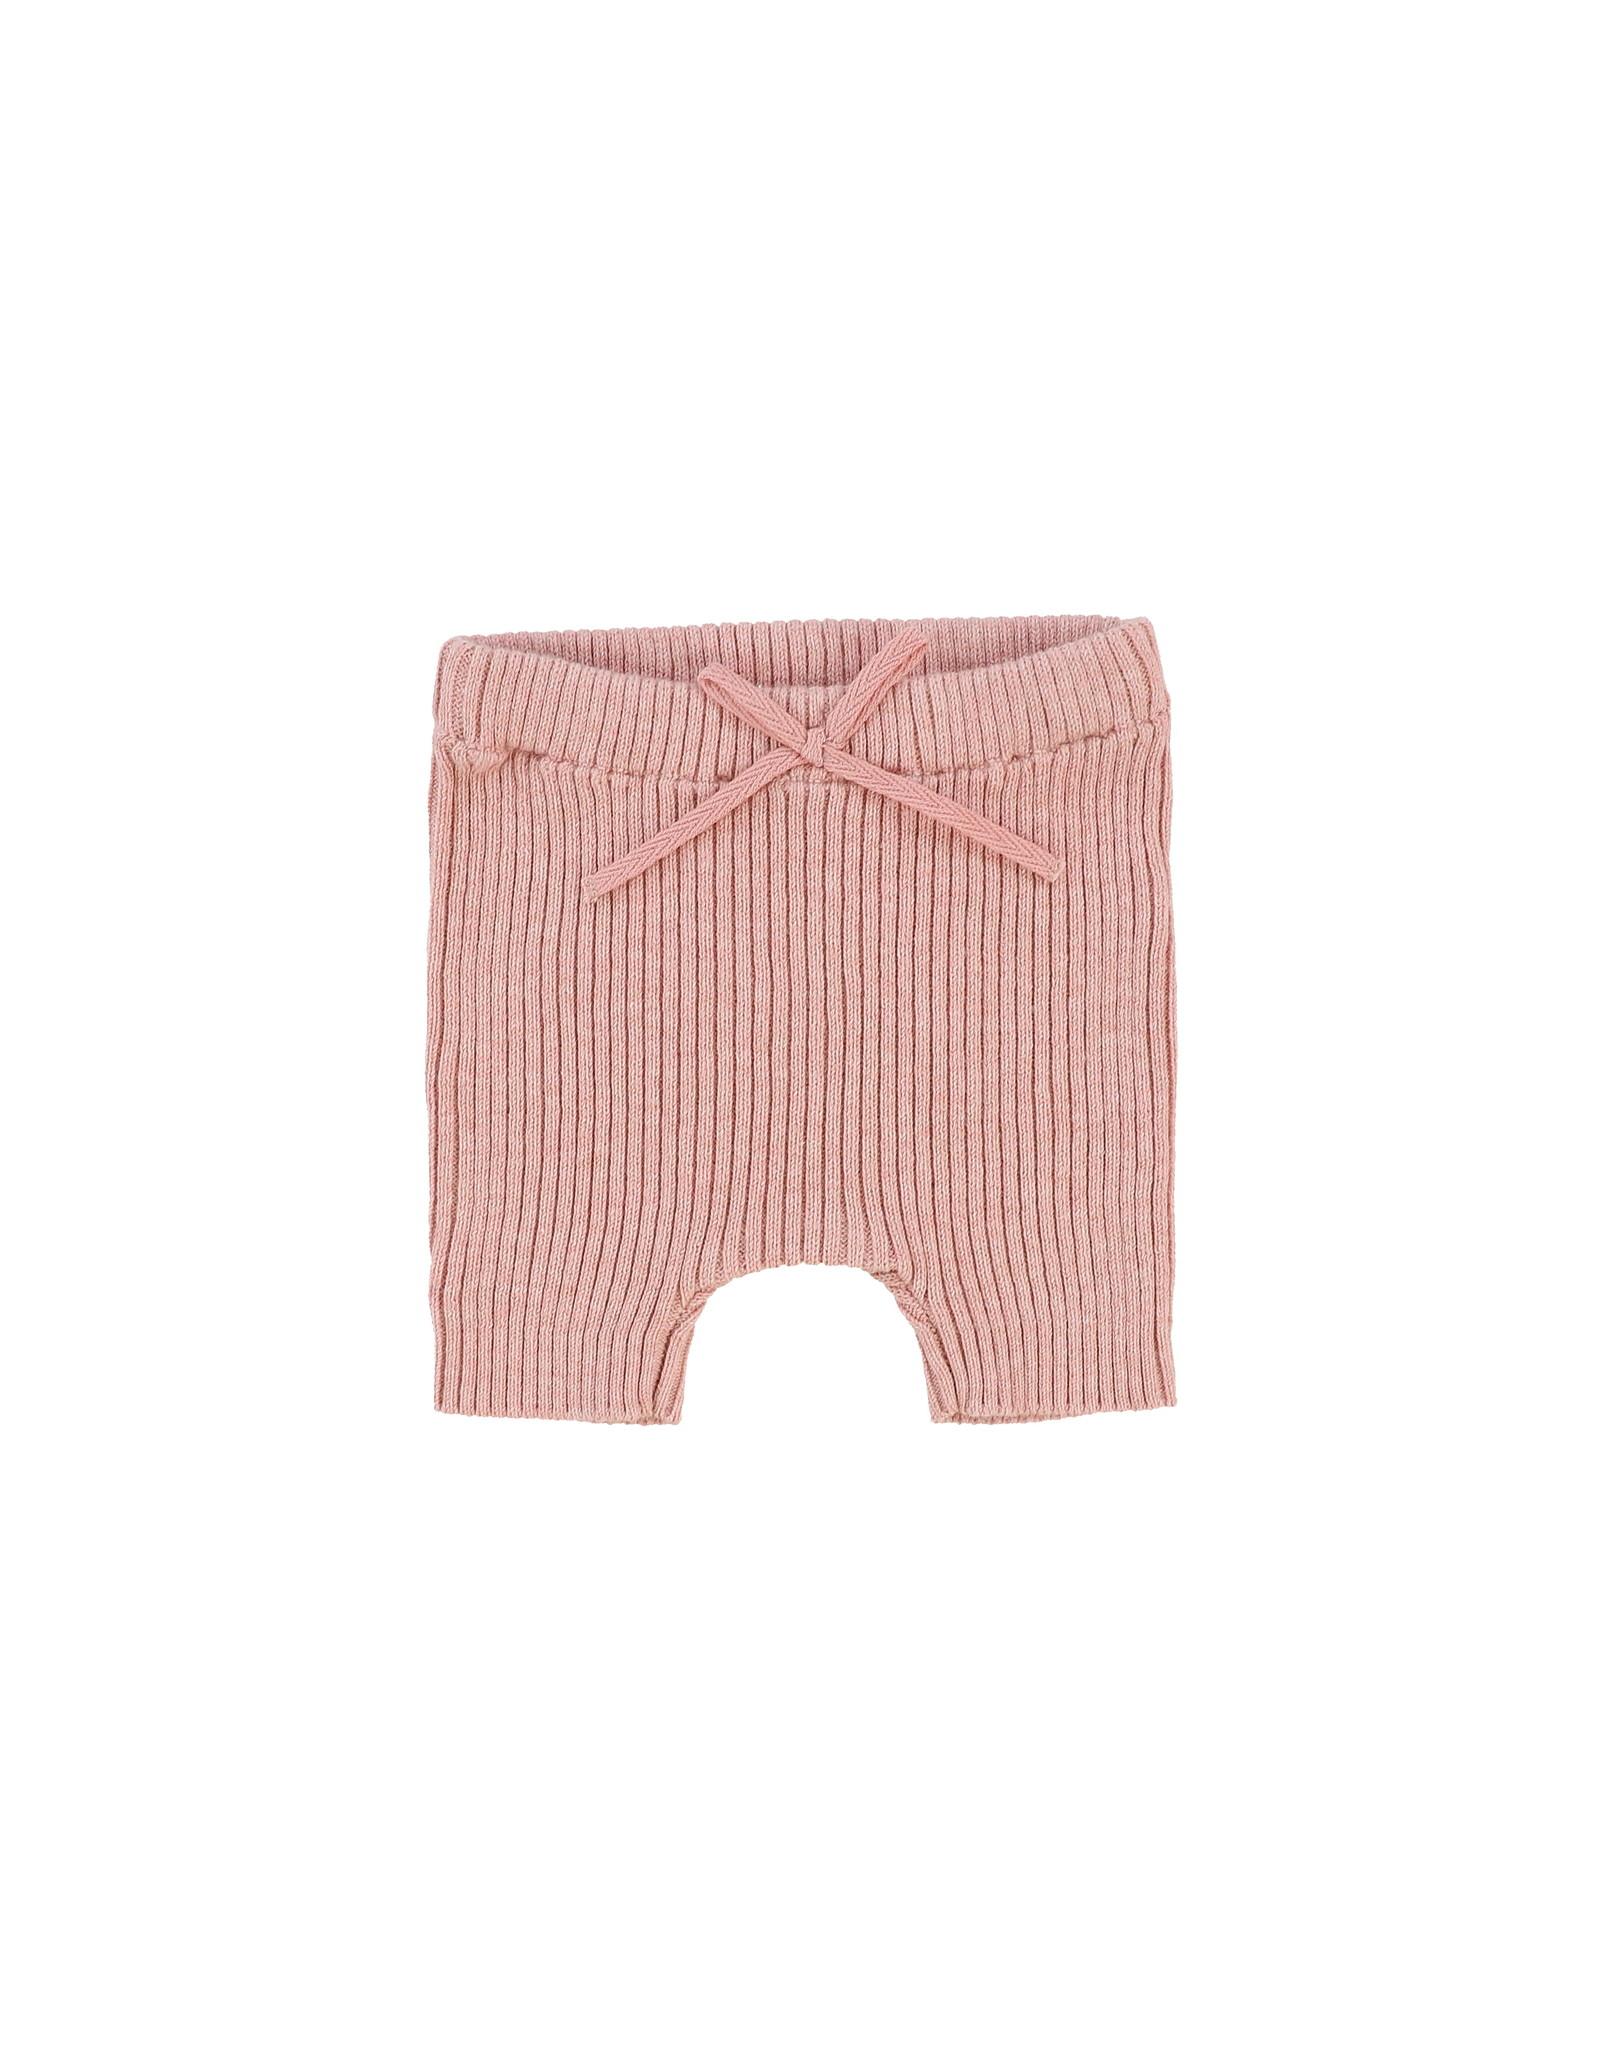 Analogie SS20 Knit Shorts